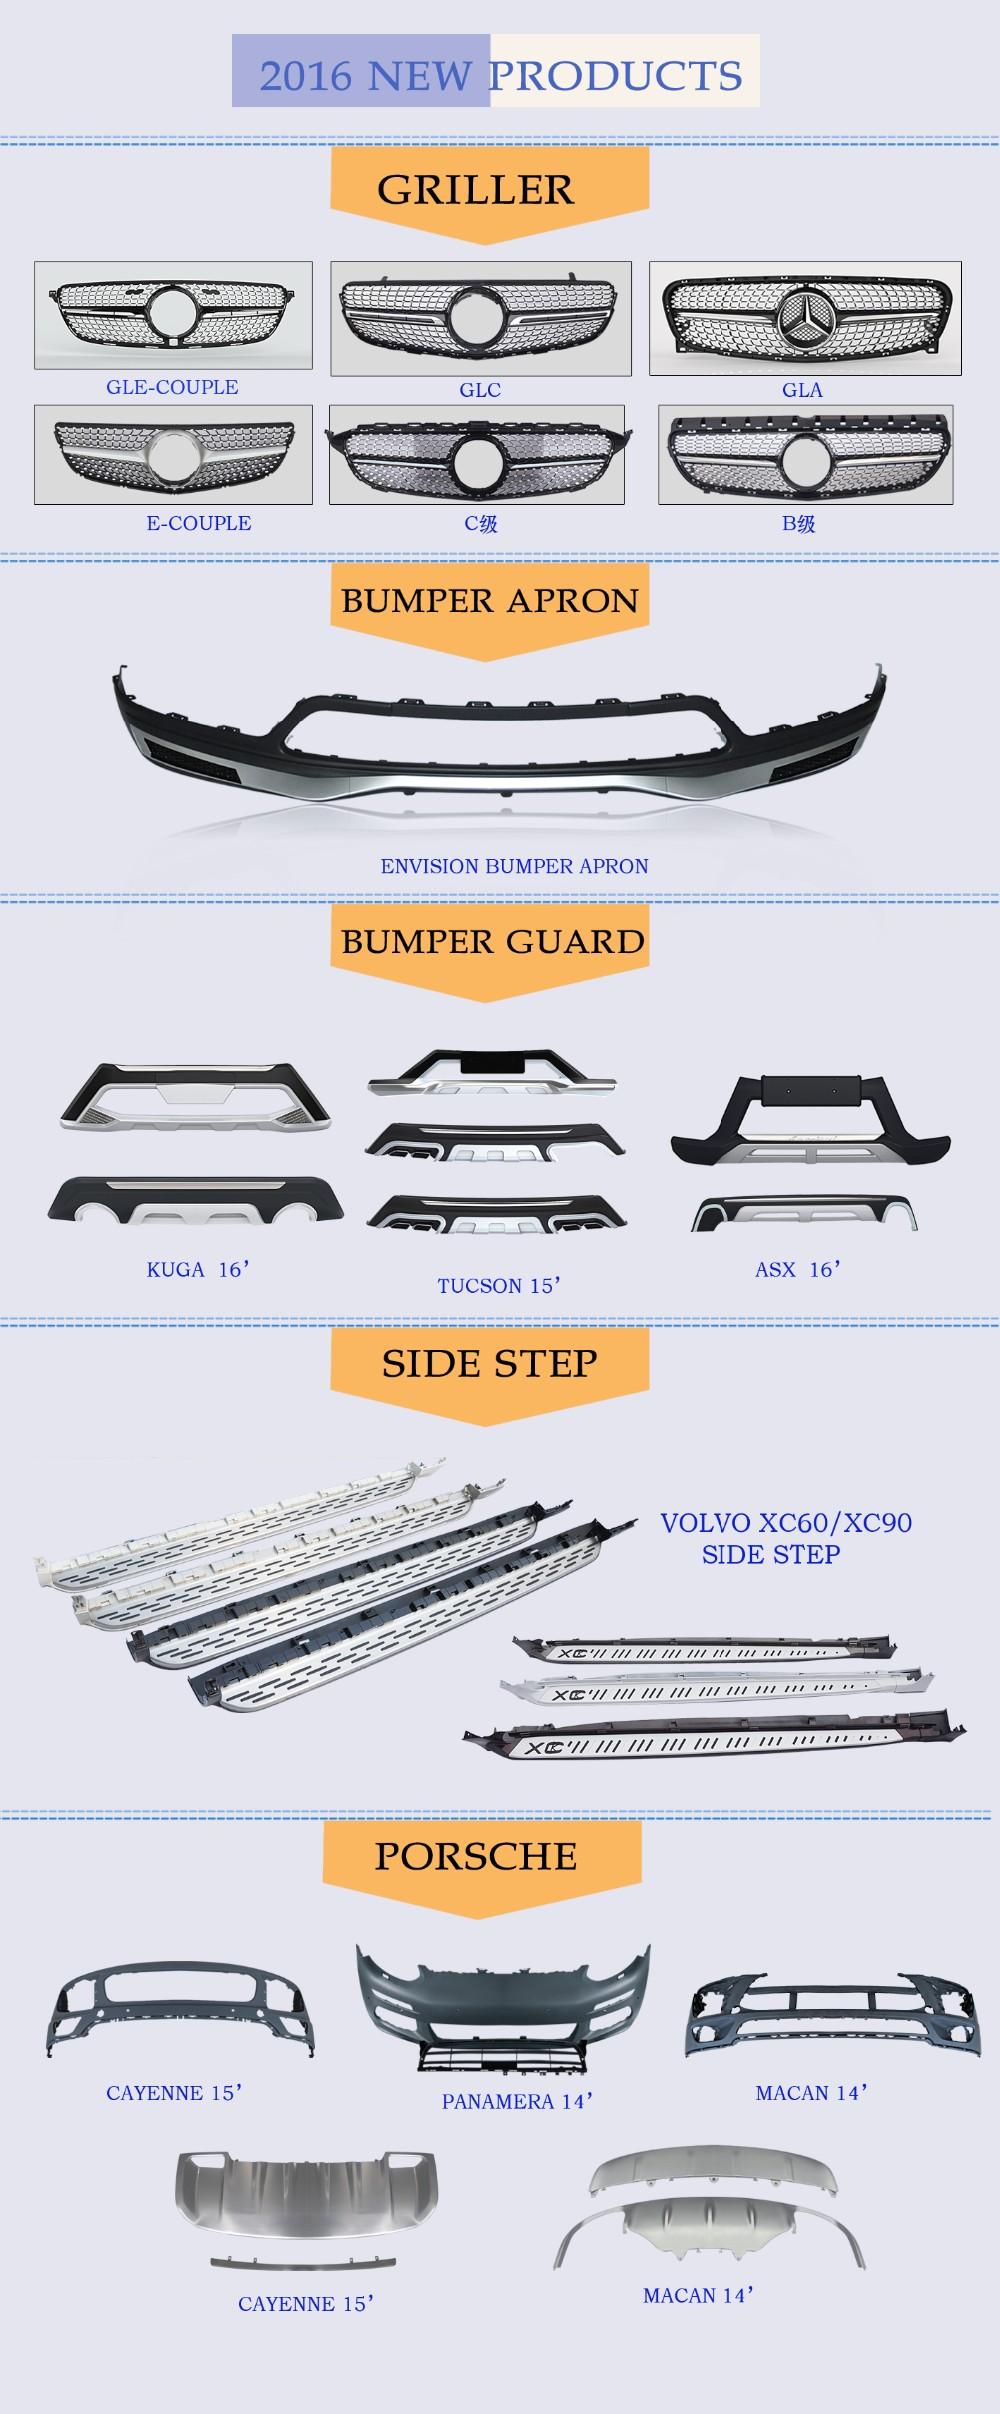 nouveau produit auto side step marchepied pour peugeot 3008 4x4 accessoire de la chine usine. Black Bedroom Furniture Sets. Home Design Ideas